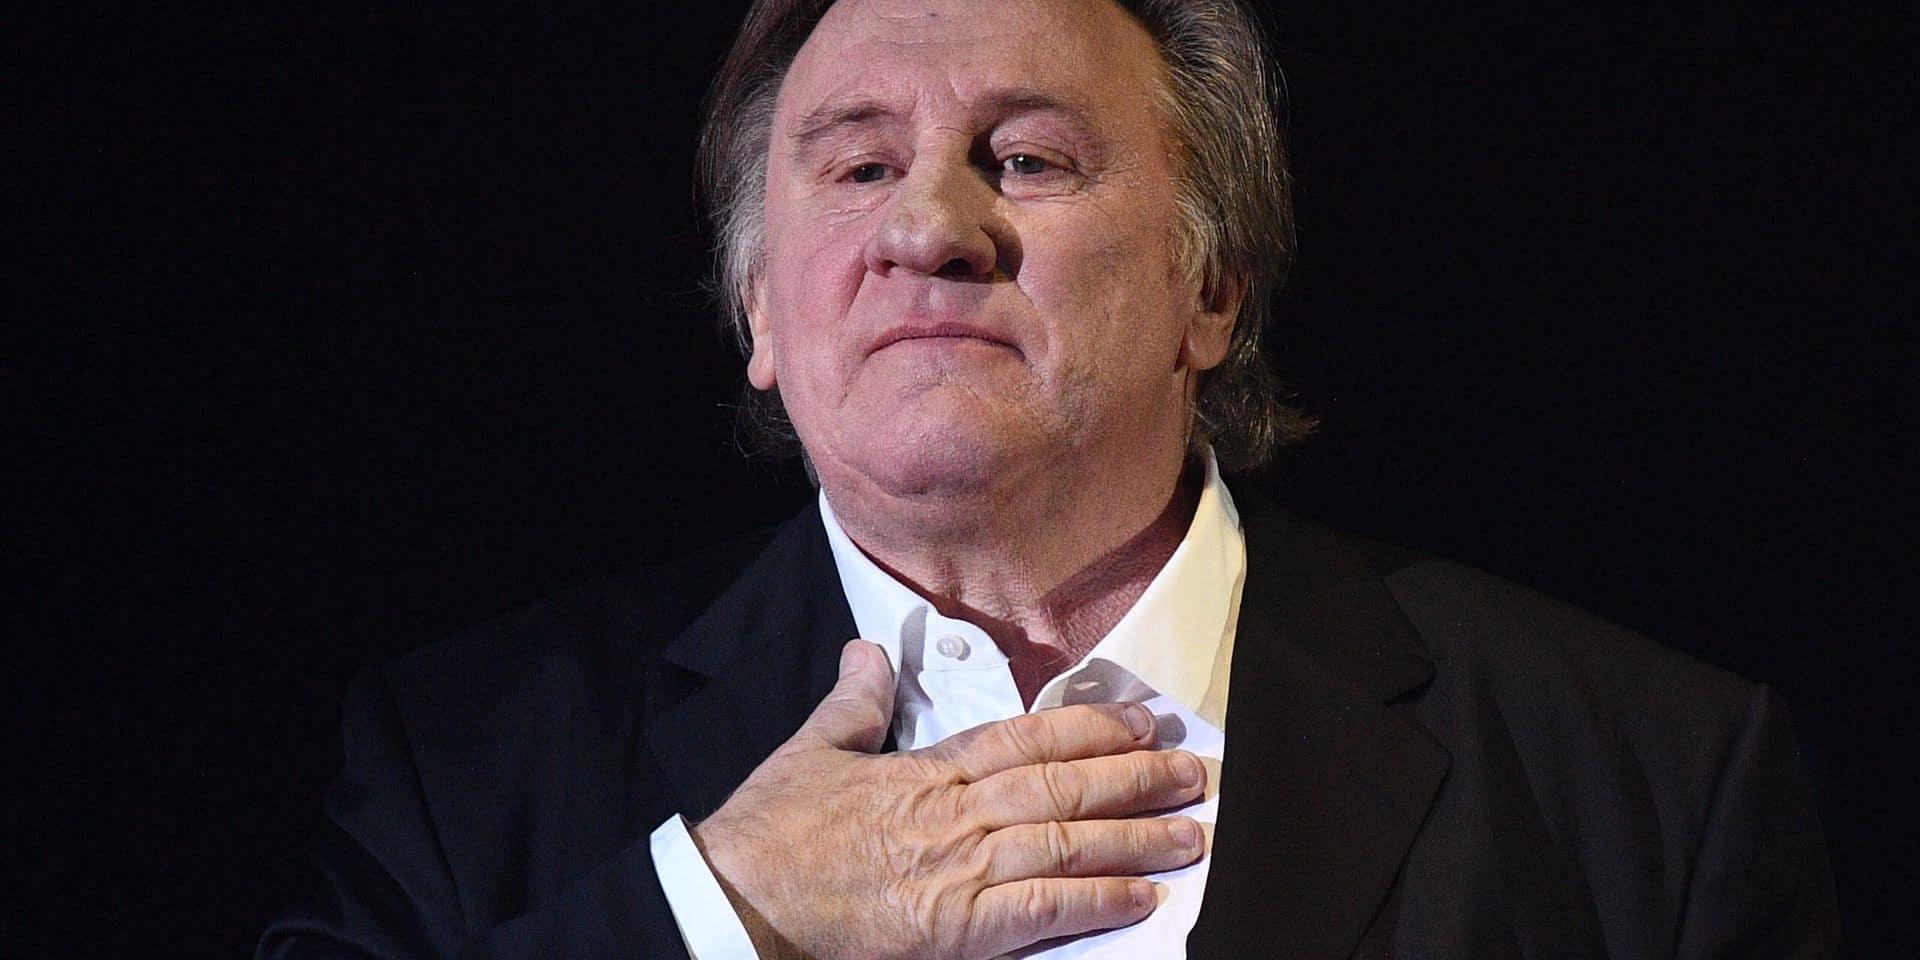 Enquête pour viols et agressions sexuelles: Depardieu entendu en audition libre